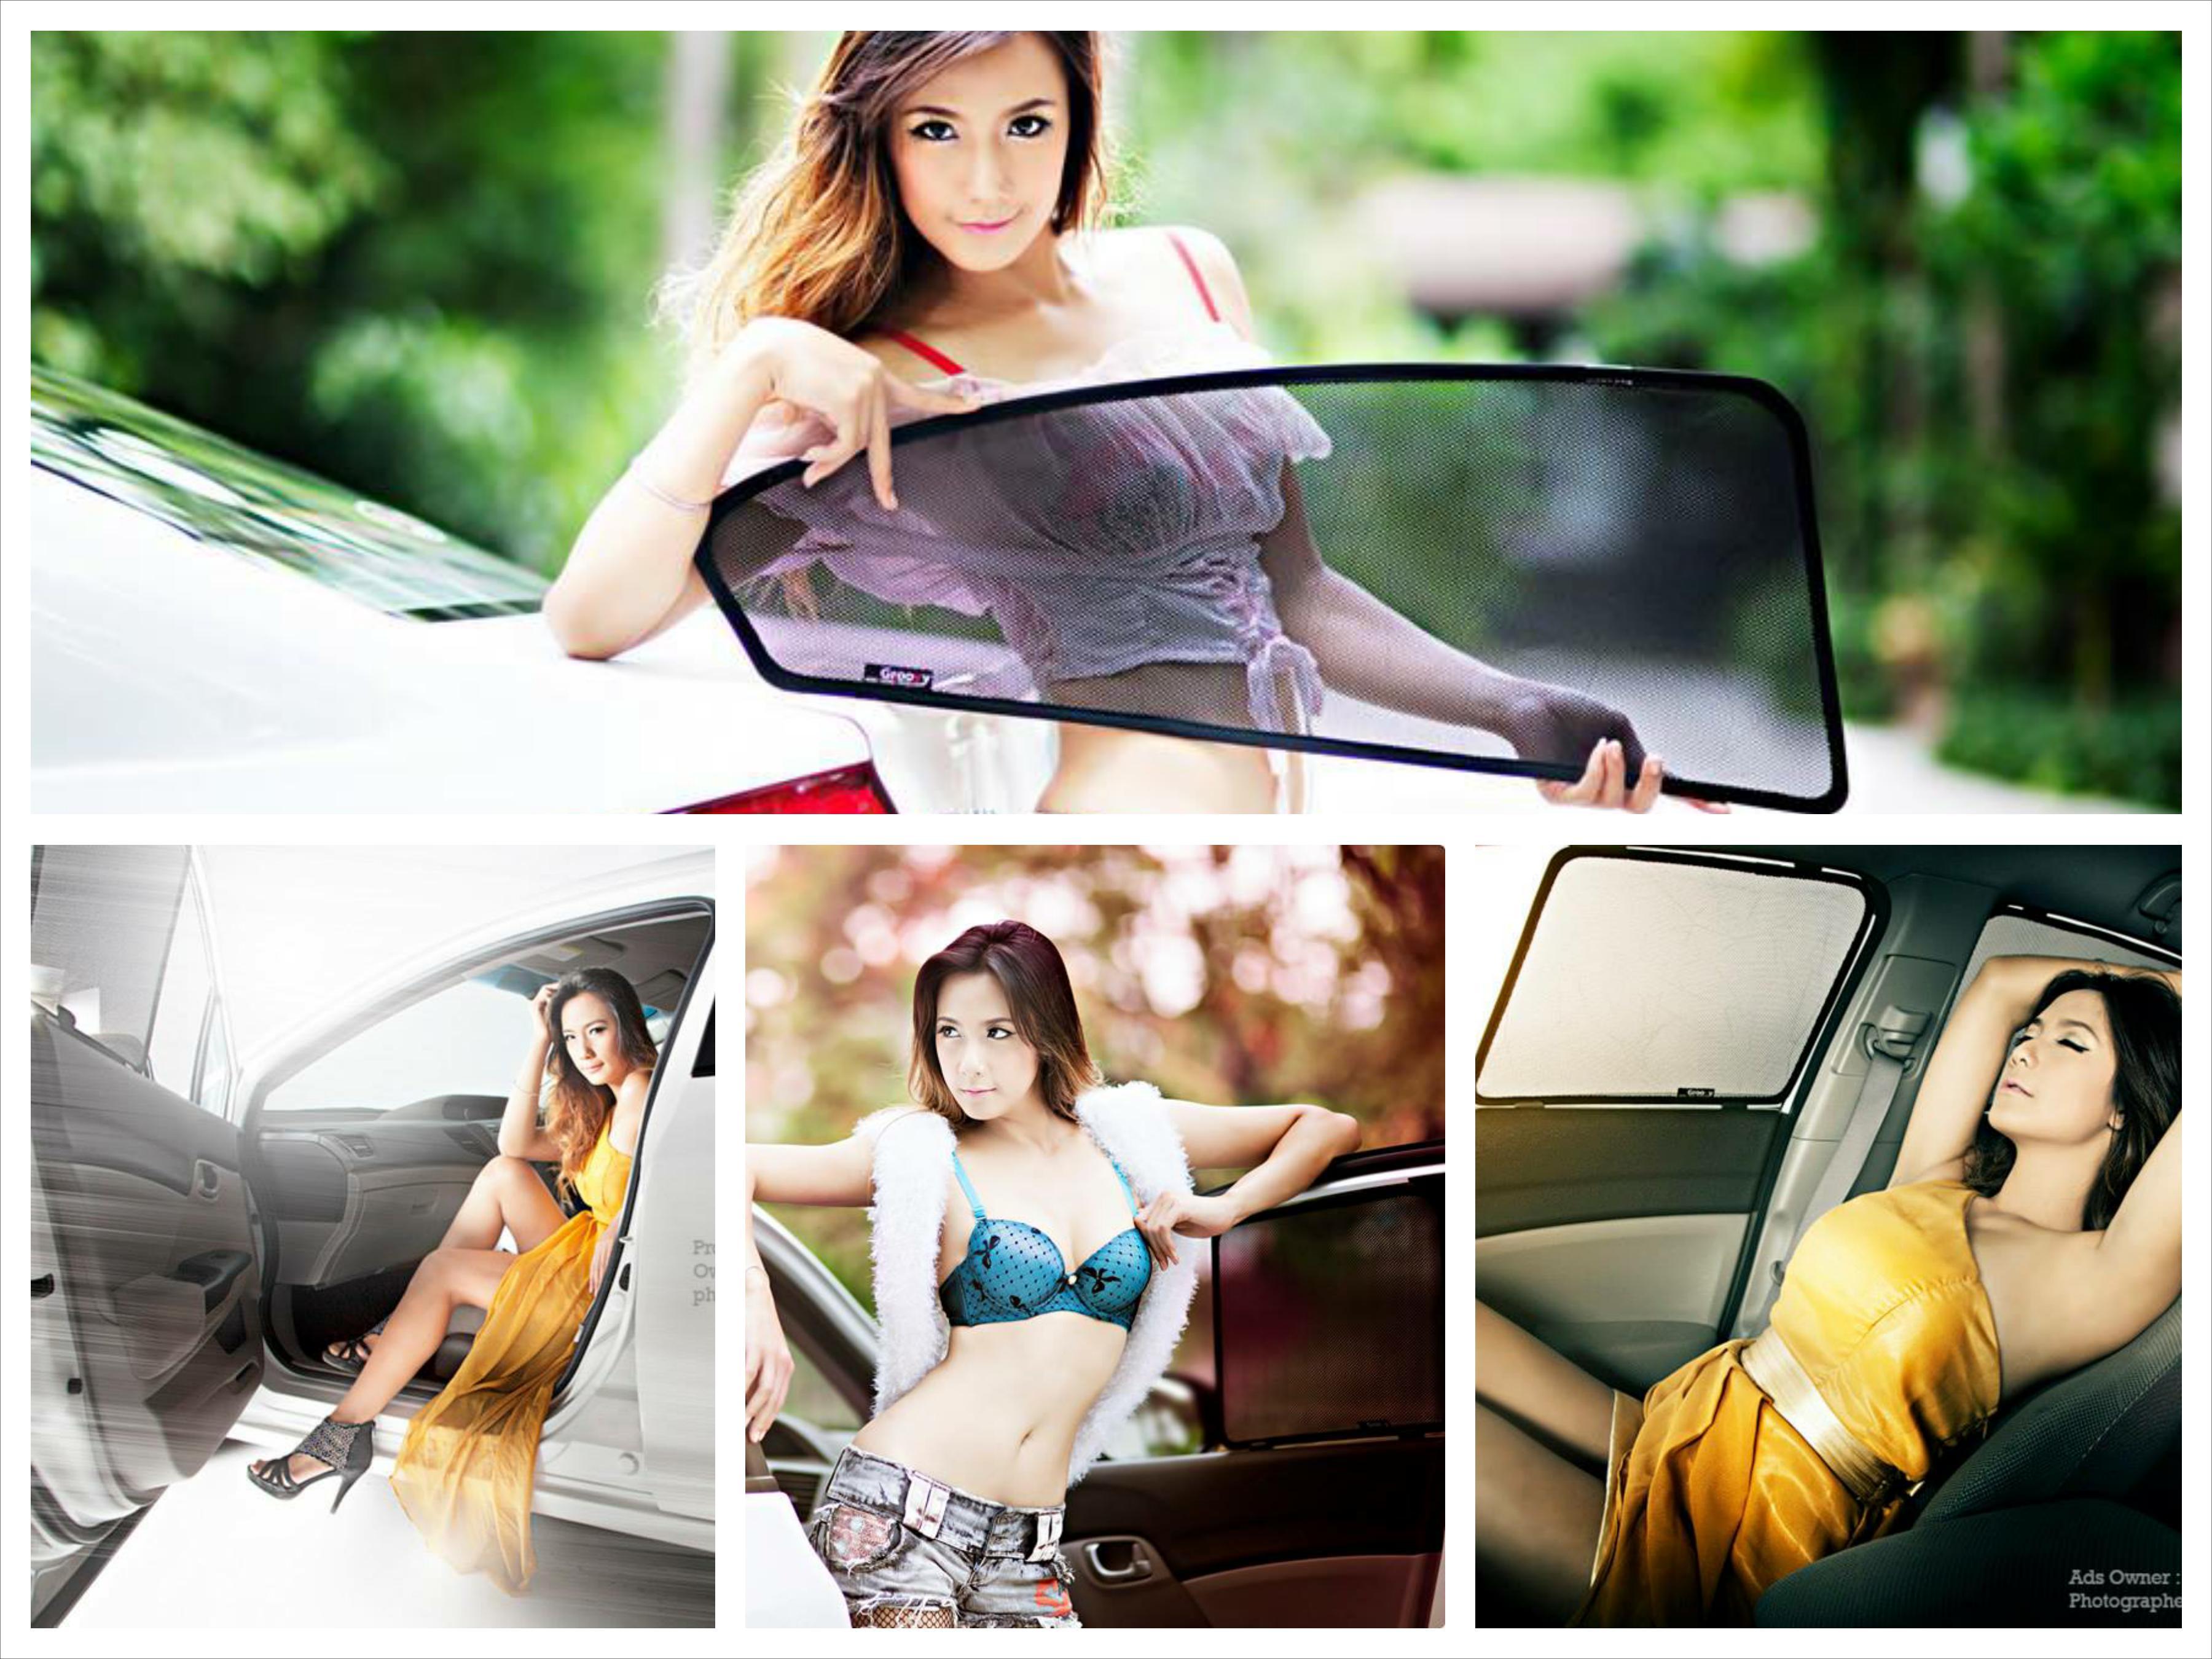 ที่บังแดดรถยนต์,ม่านบังแดด,ที่บังแดด,ม่านบังแดดเข้ารูป,ผ้าม่านรถยนต์,ม่านกันแดด,ม่านกันแดดรถยนต์,ม่านรถยนต์,ม่านบังแดดรถยนต์,บังแดดรถยนต์